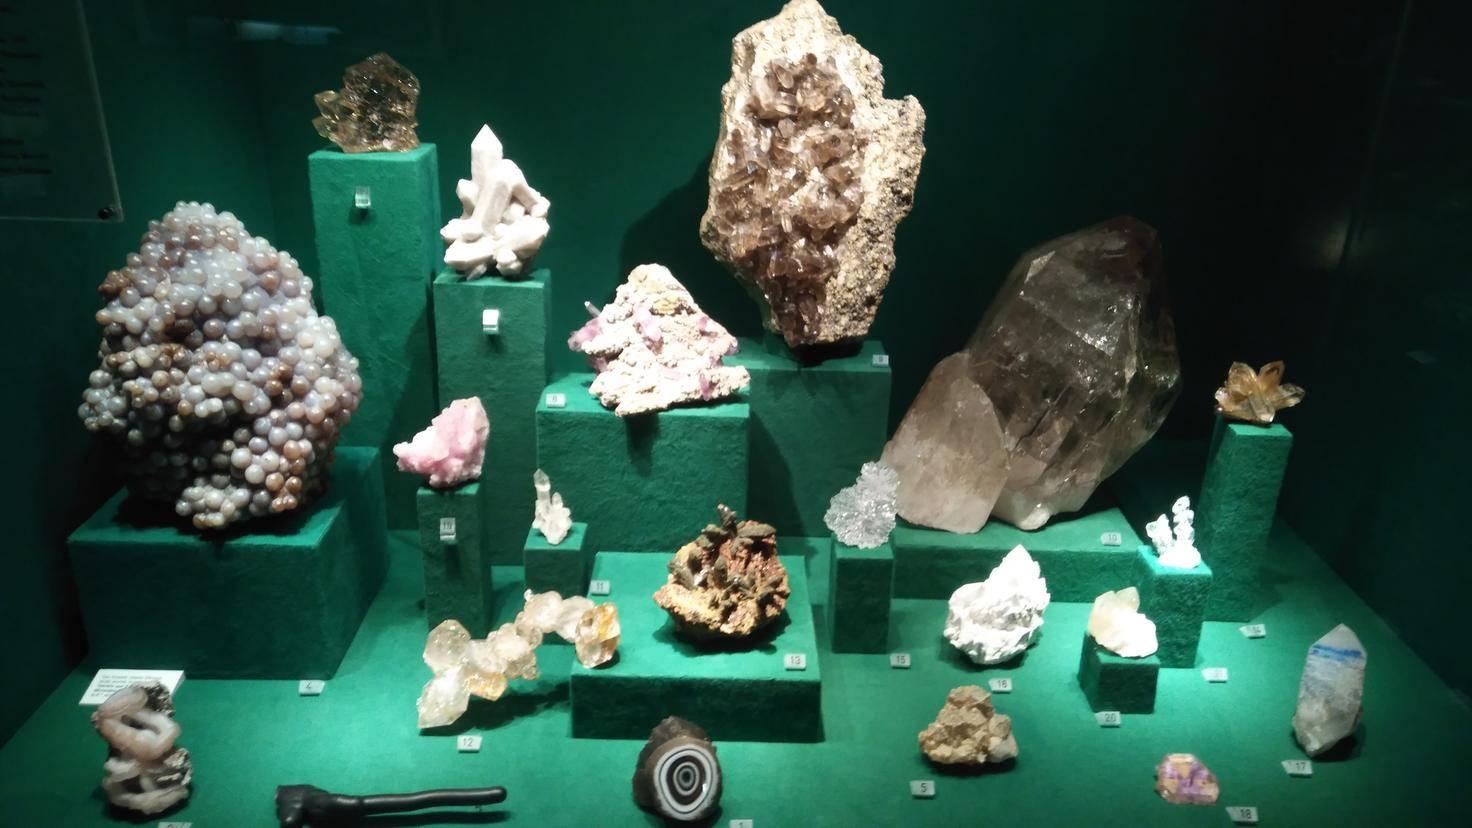 Die schönen Steine im Hamburger Mineralogischen Museum haben auf Fotos schon einmal besser ausgesehen.